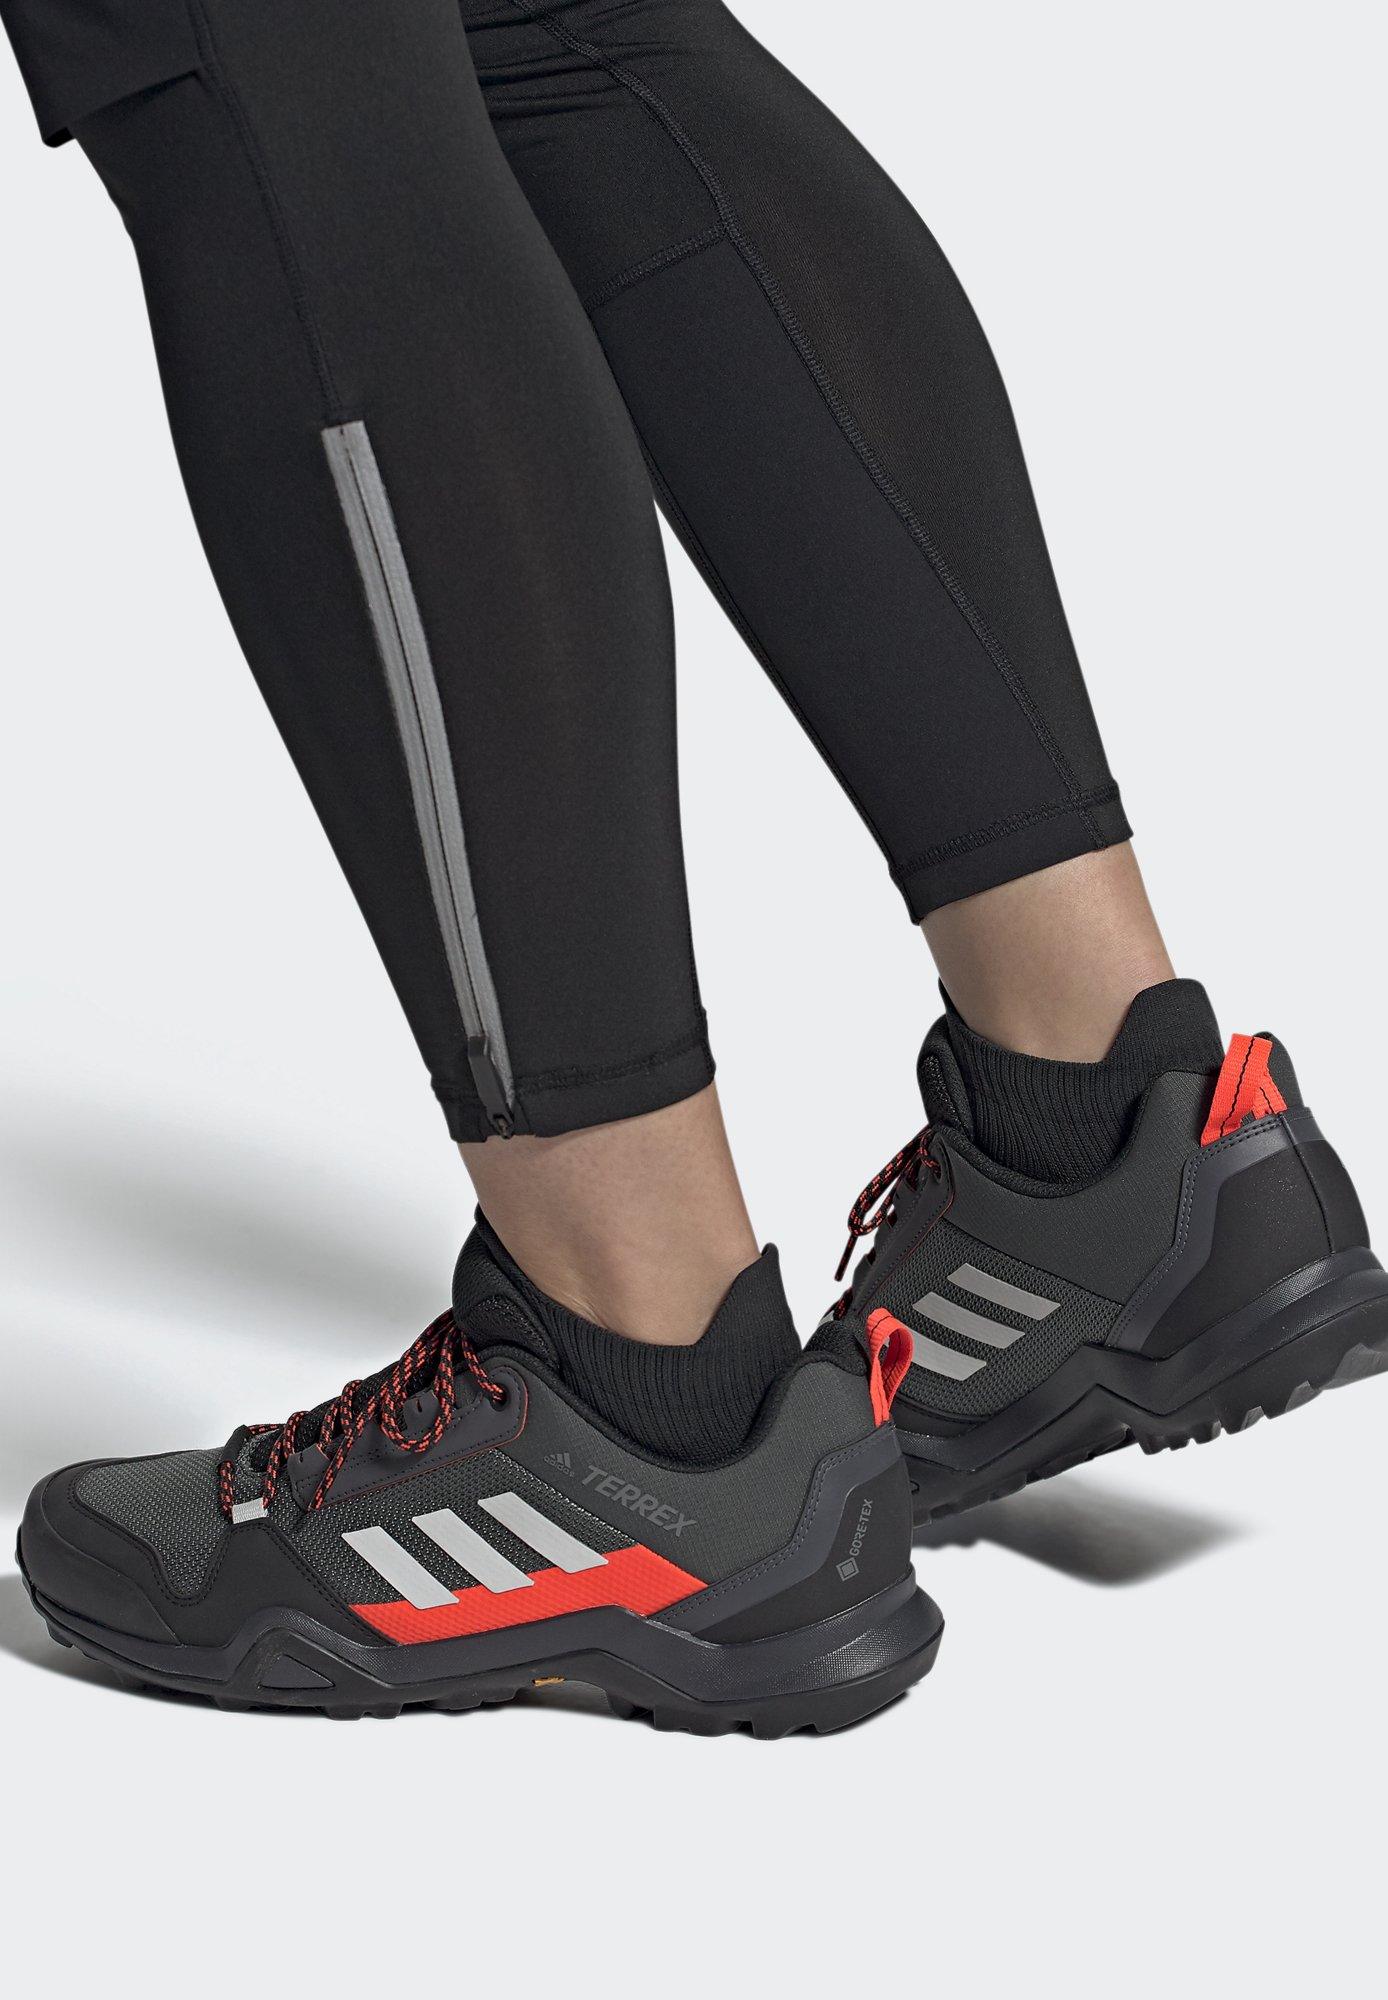 TERREX AX3 GTX - Chaussures de marche - grey/light red